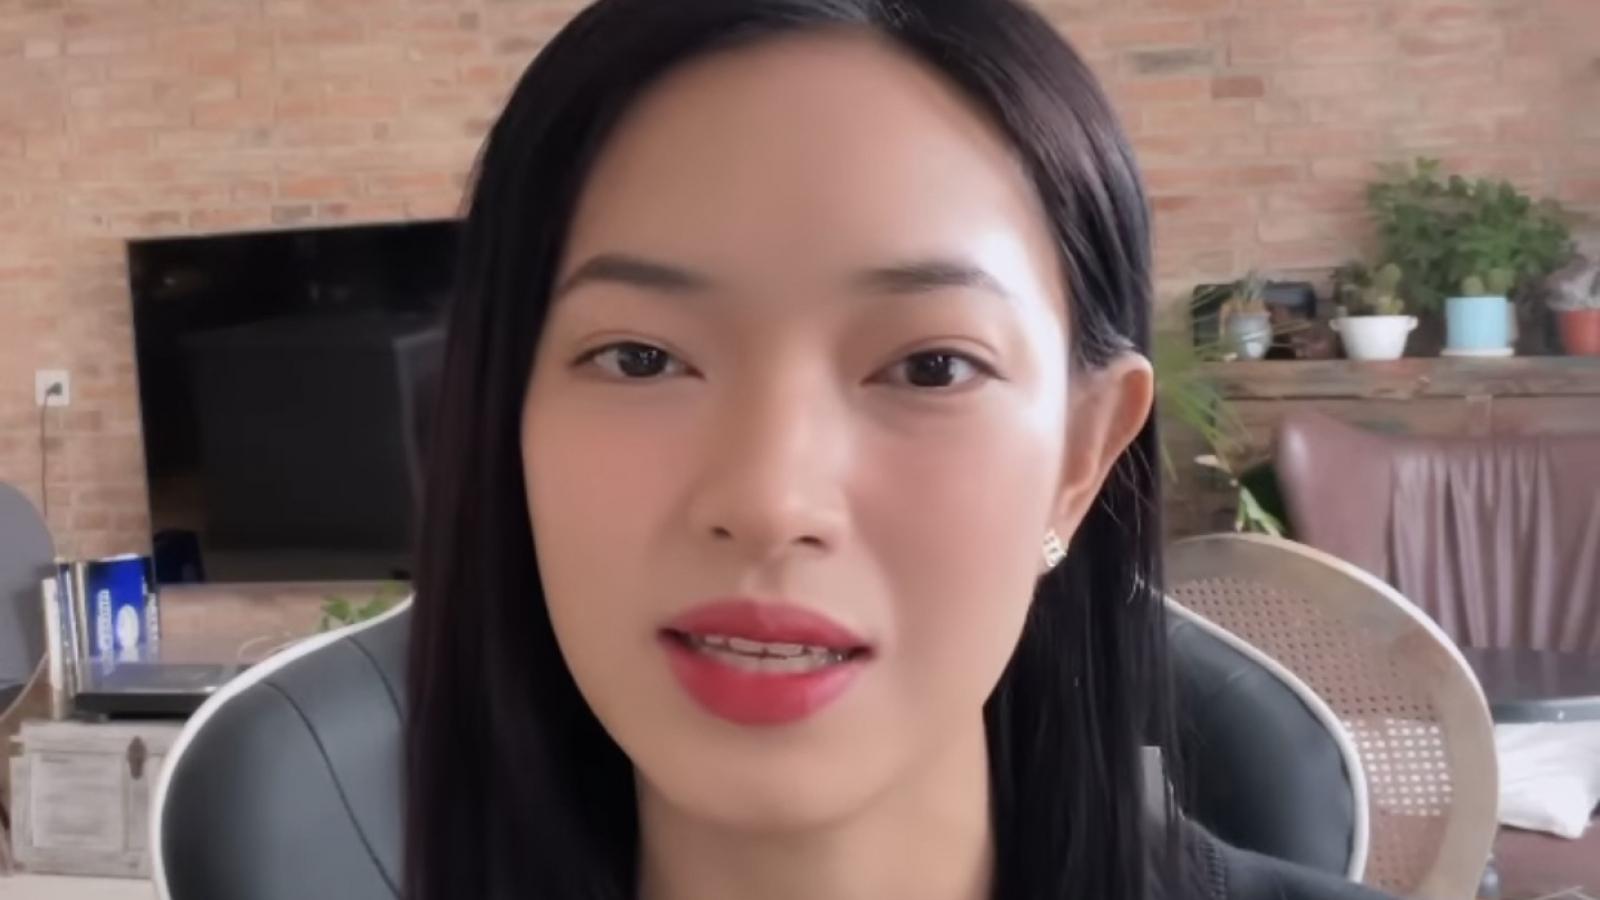 Châu Bùi xin lỗi vì sự cố livestream có nội dung không phù hợp, nhạy cảm